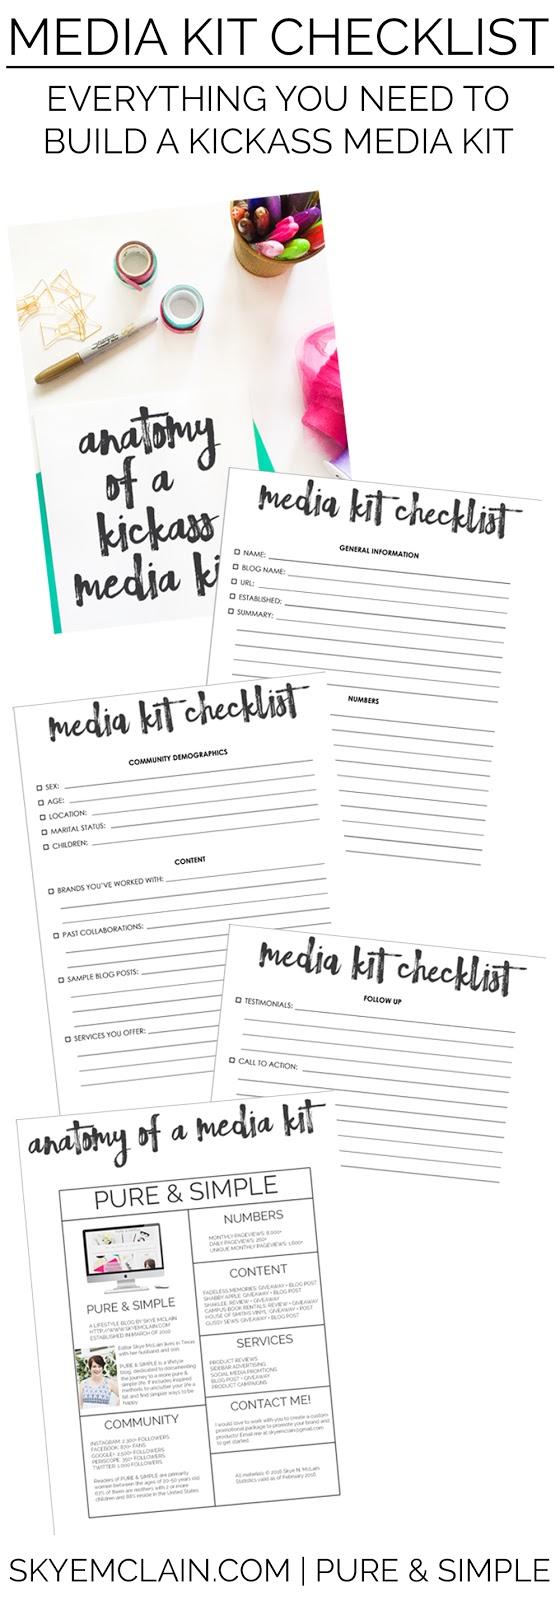 How to Build a KICKASS Media Kit from skyemclain.com